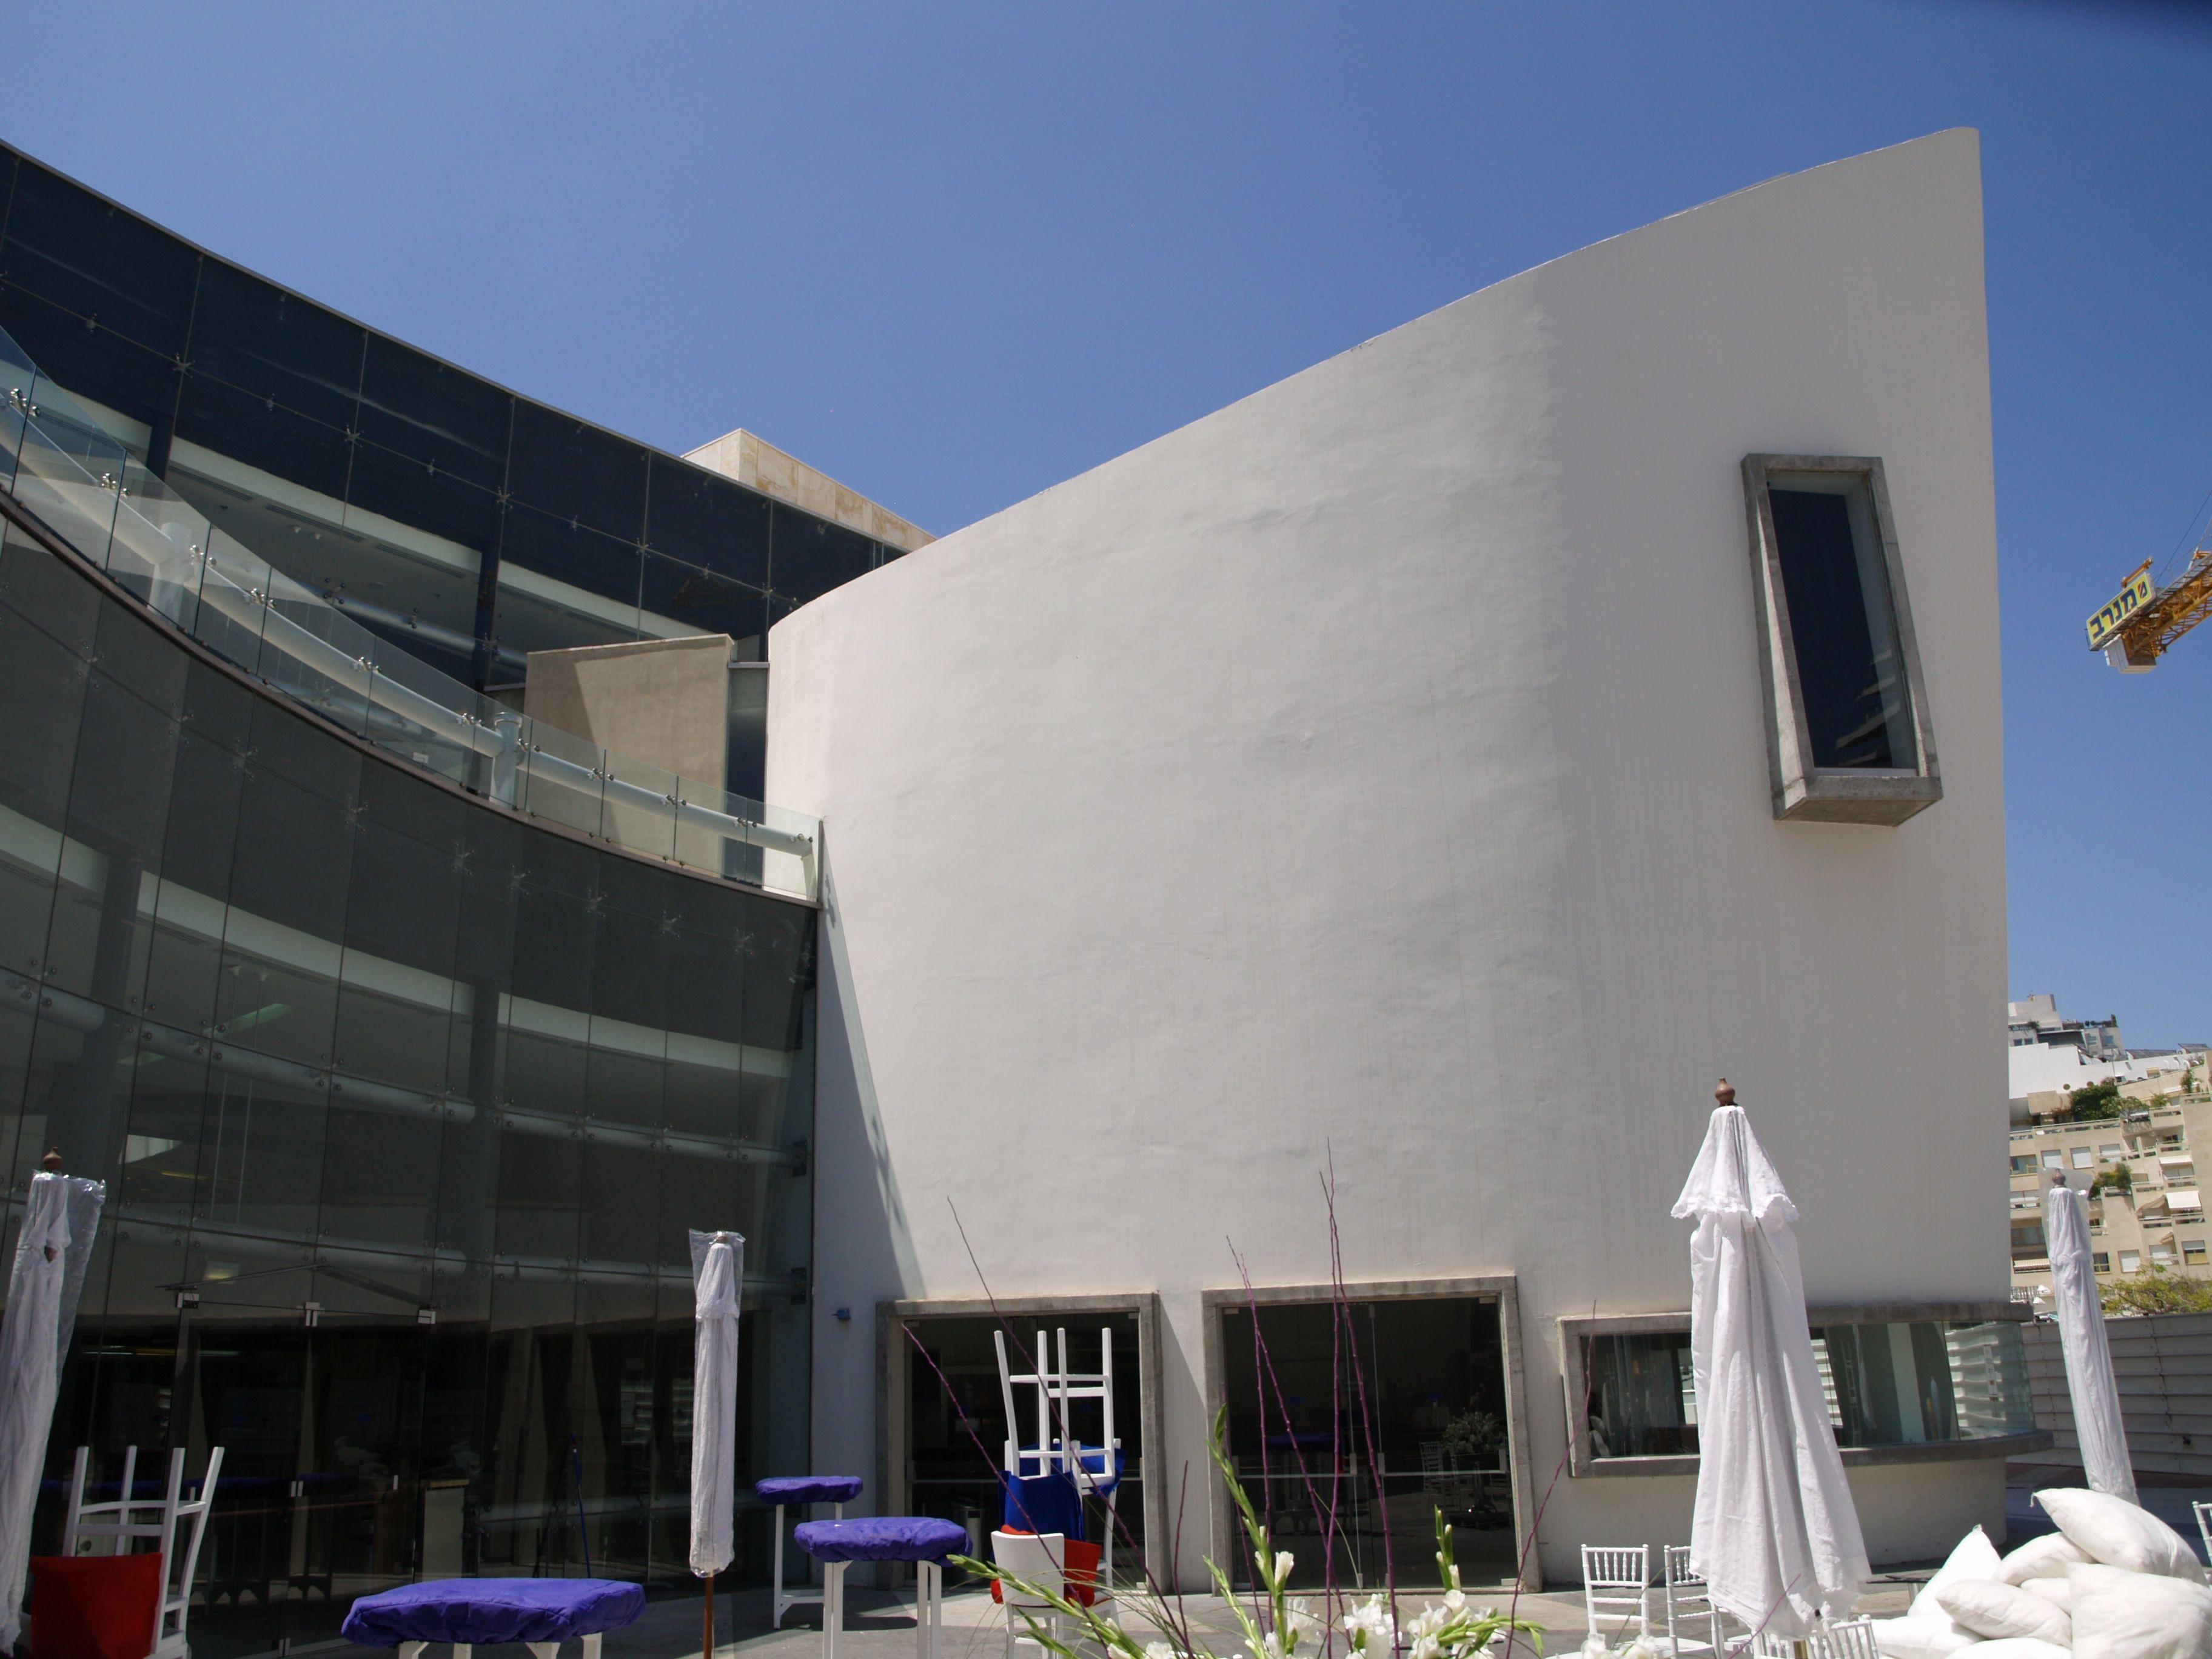 ENTERTAINMENT. Tel Aviv Performing Arts Center. The Tel Aviv Performing Arts Center is a performing arts center at King Saul Boulevard in Tel Aviv, Israel.